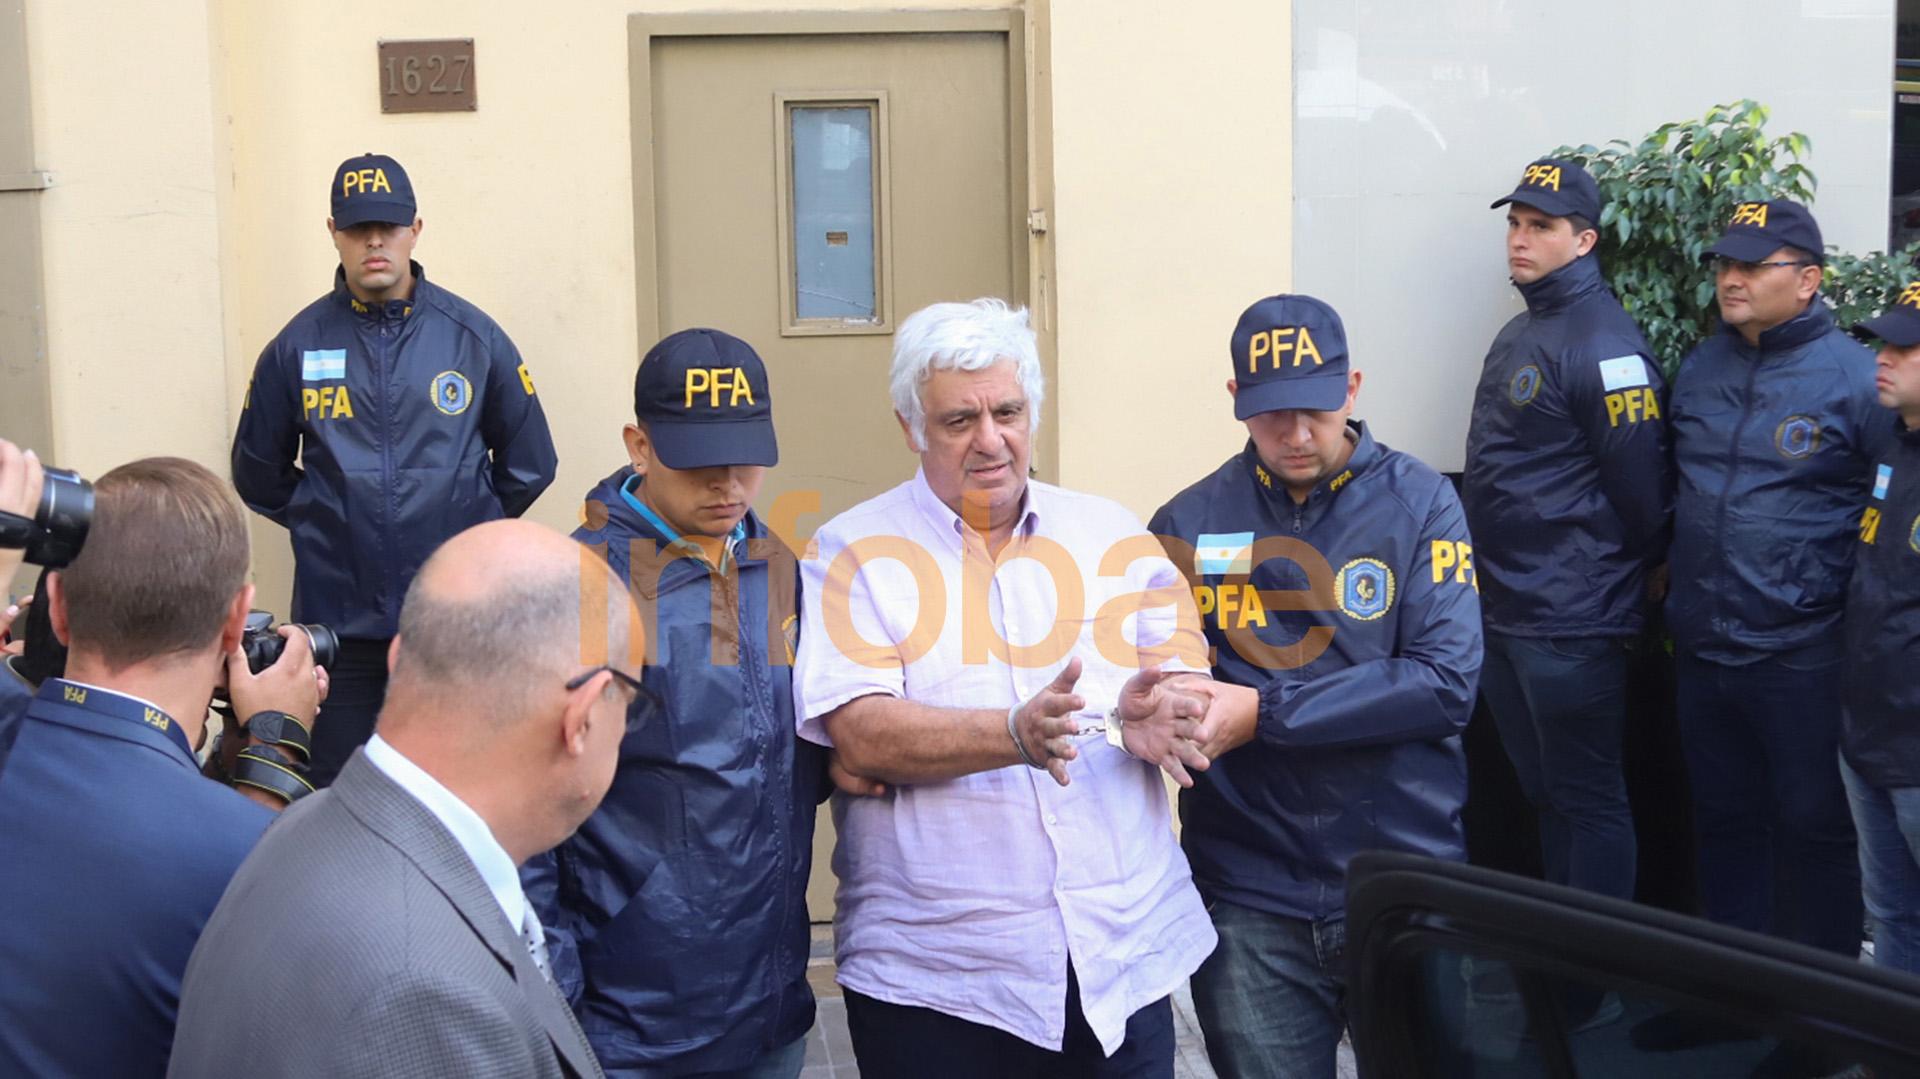 Esposado, rumbo a Comodoro Py: Alberto Samid pasó su primera noche detenido en la sede de la Policía (Matías Baglietto)